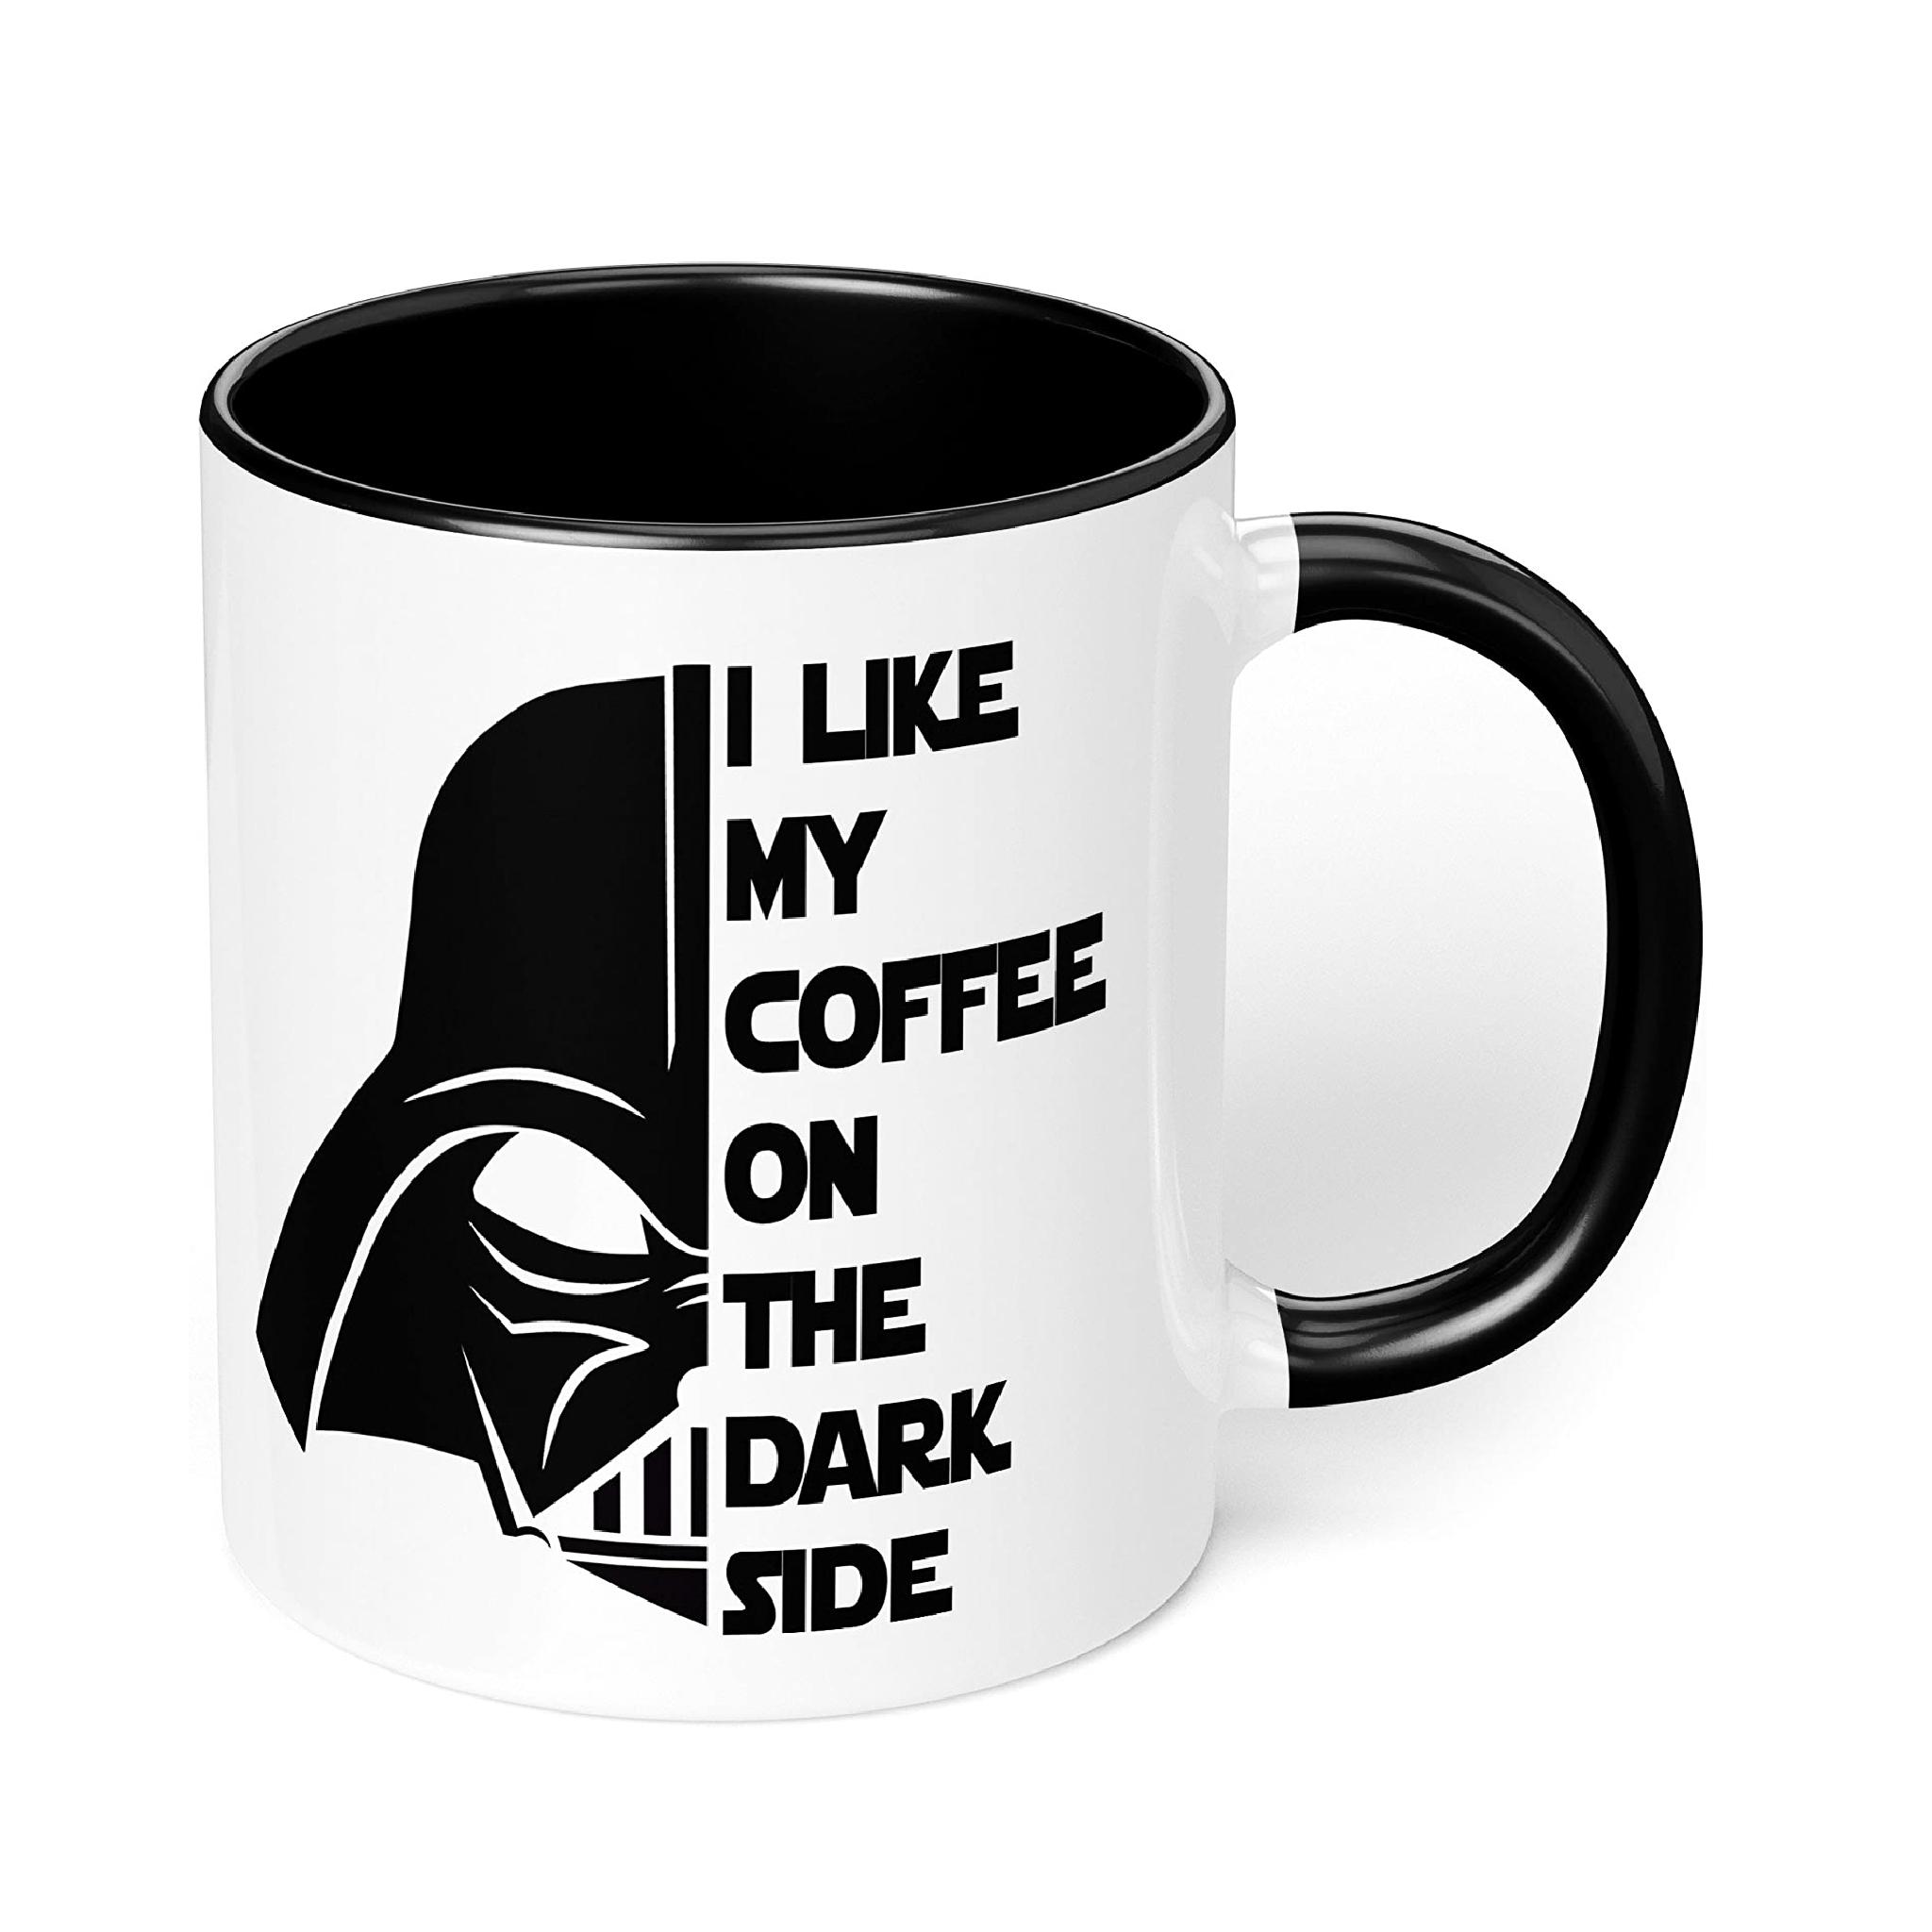 Star Wars Darth Vader Mug - Star Wars merch